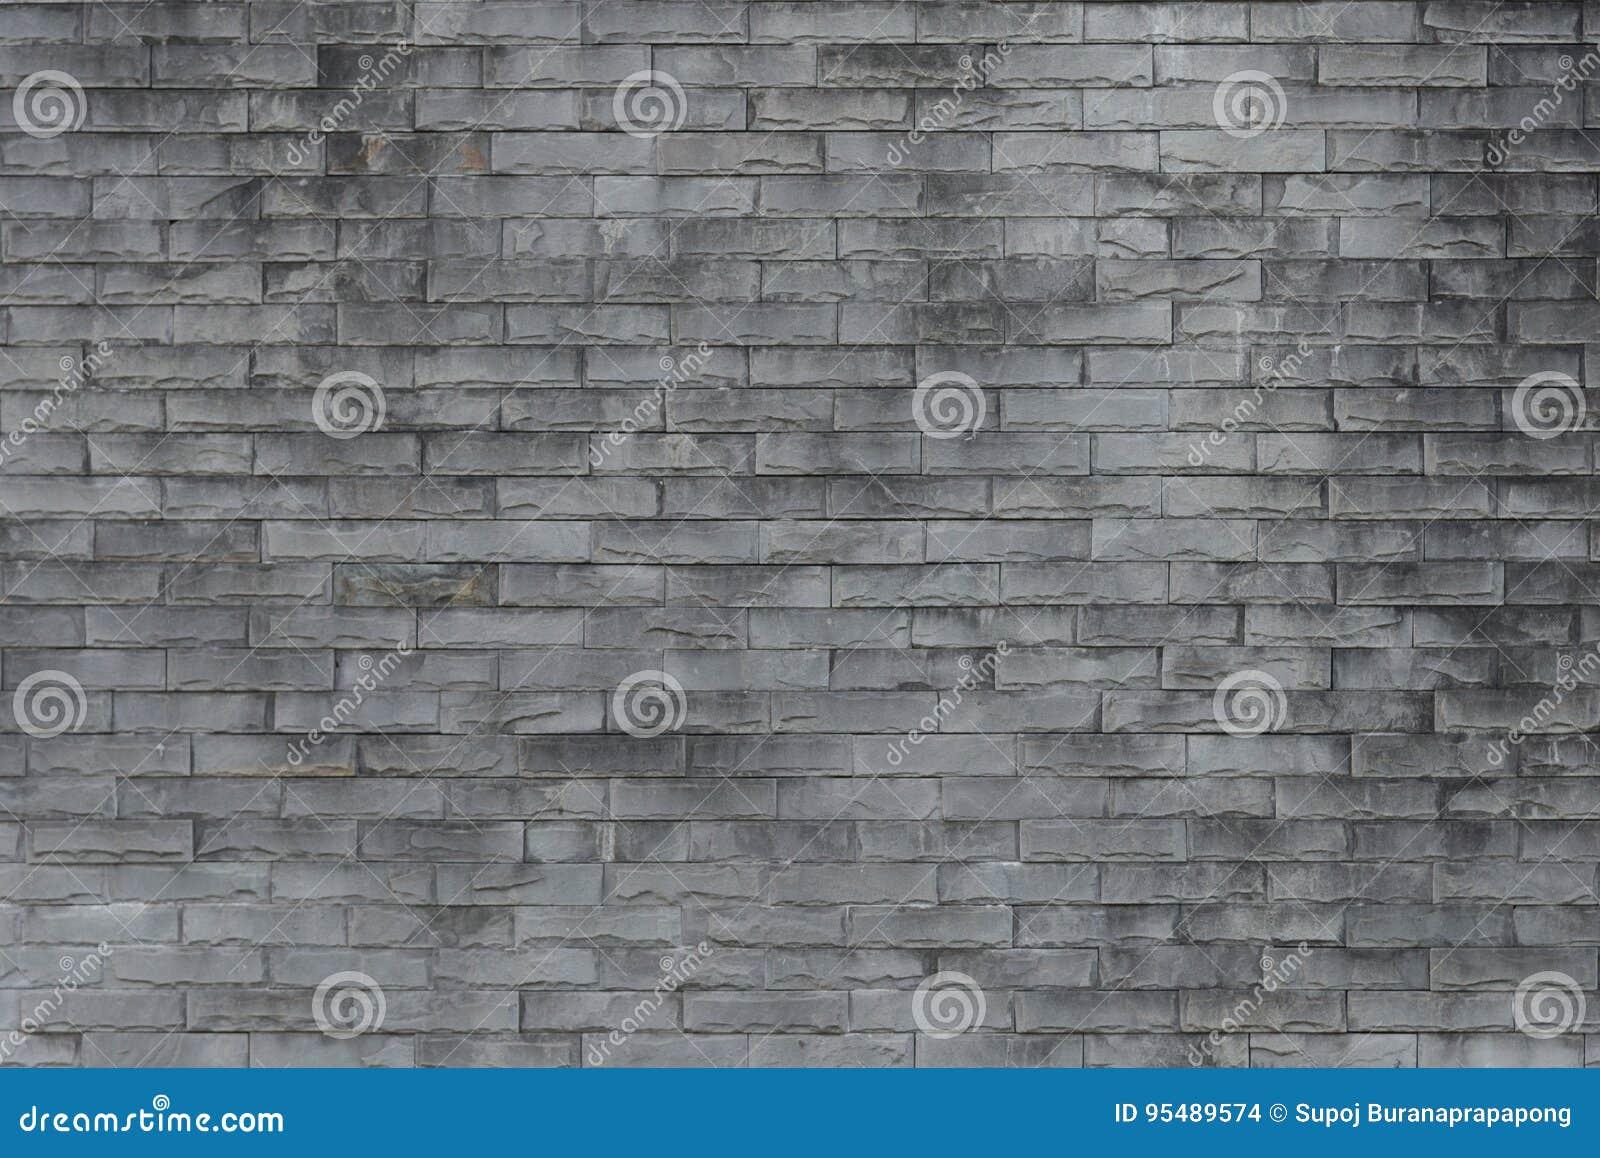 Old brick wall background. Grunge texture. Black wallpaper. Dark